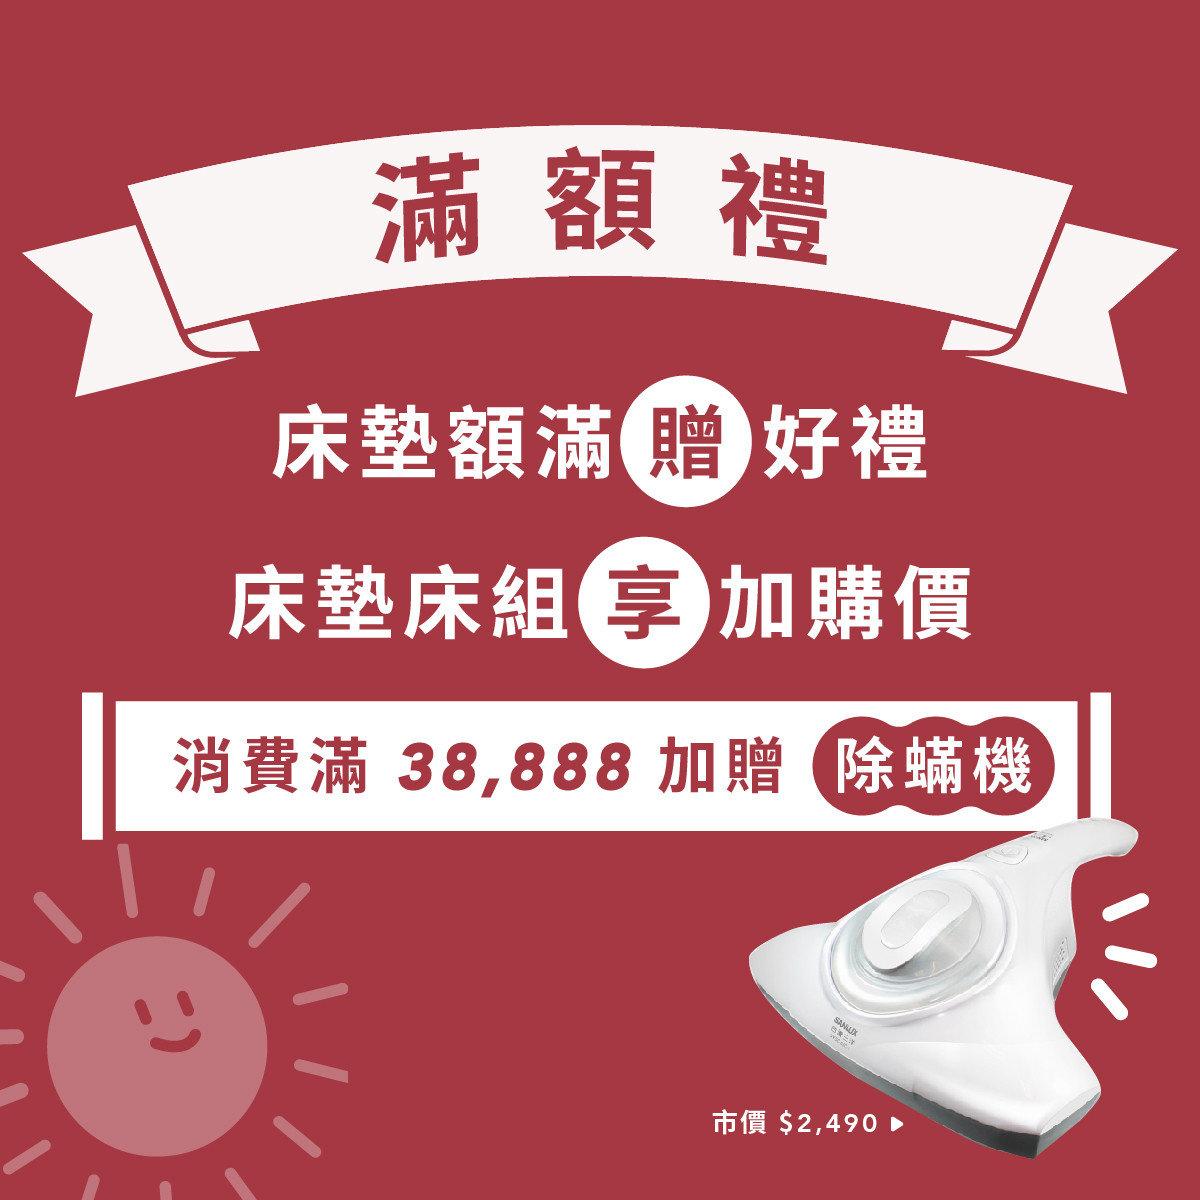 明久家具台南店開幕活動四:滿額禮-購買床墊滿38,888元,立即贈「手持除蟎機」1台!再享好禮大放送。